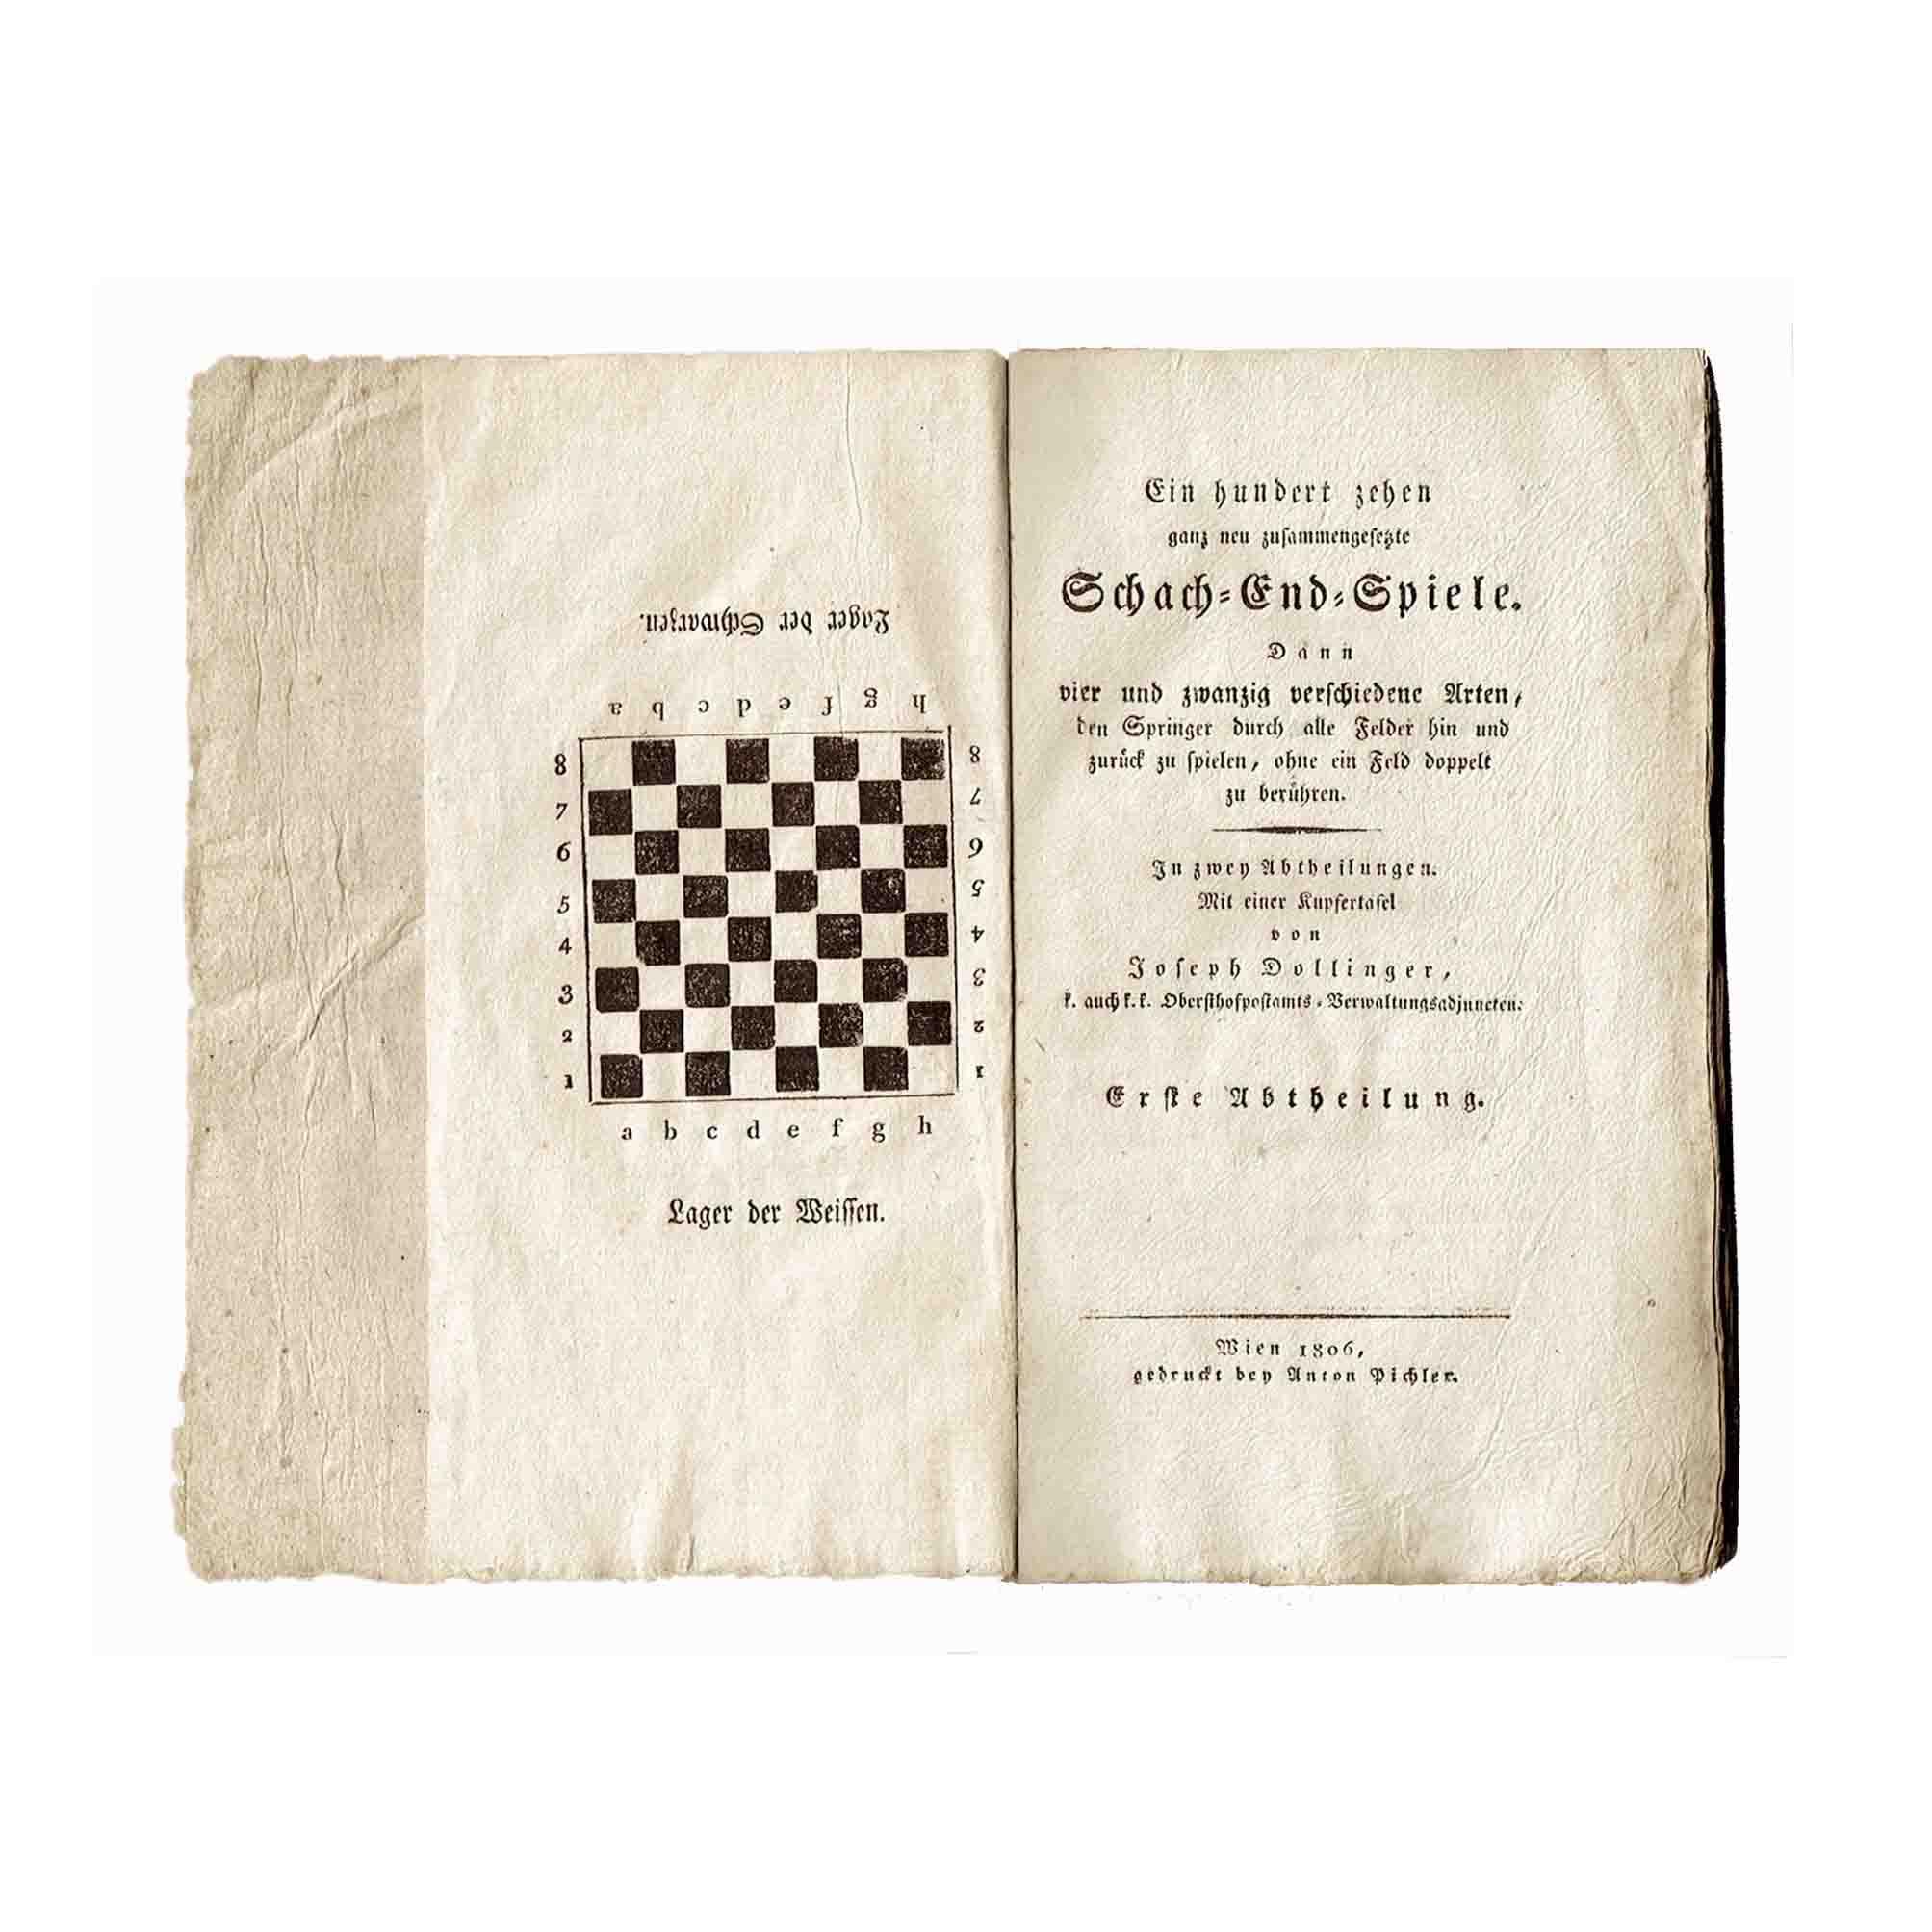 5651-Dollinger-Schach-1806-Titel-Kupfer-Schachbrett-frei-N.jpg